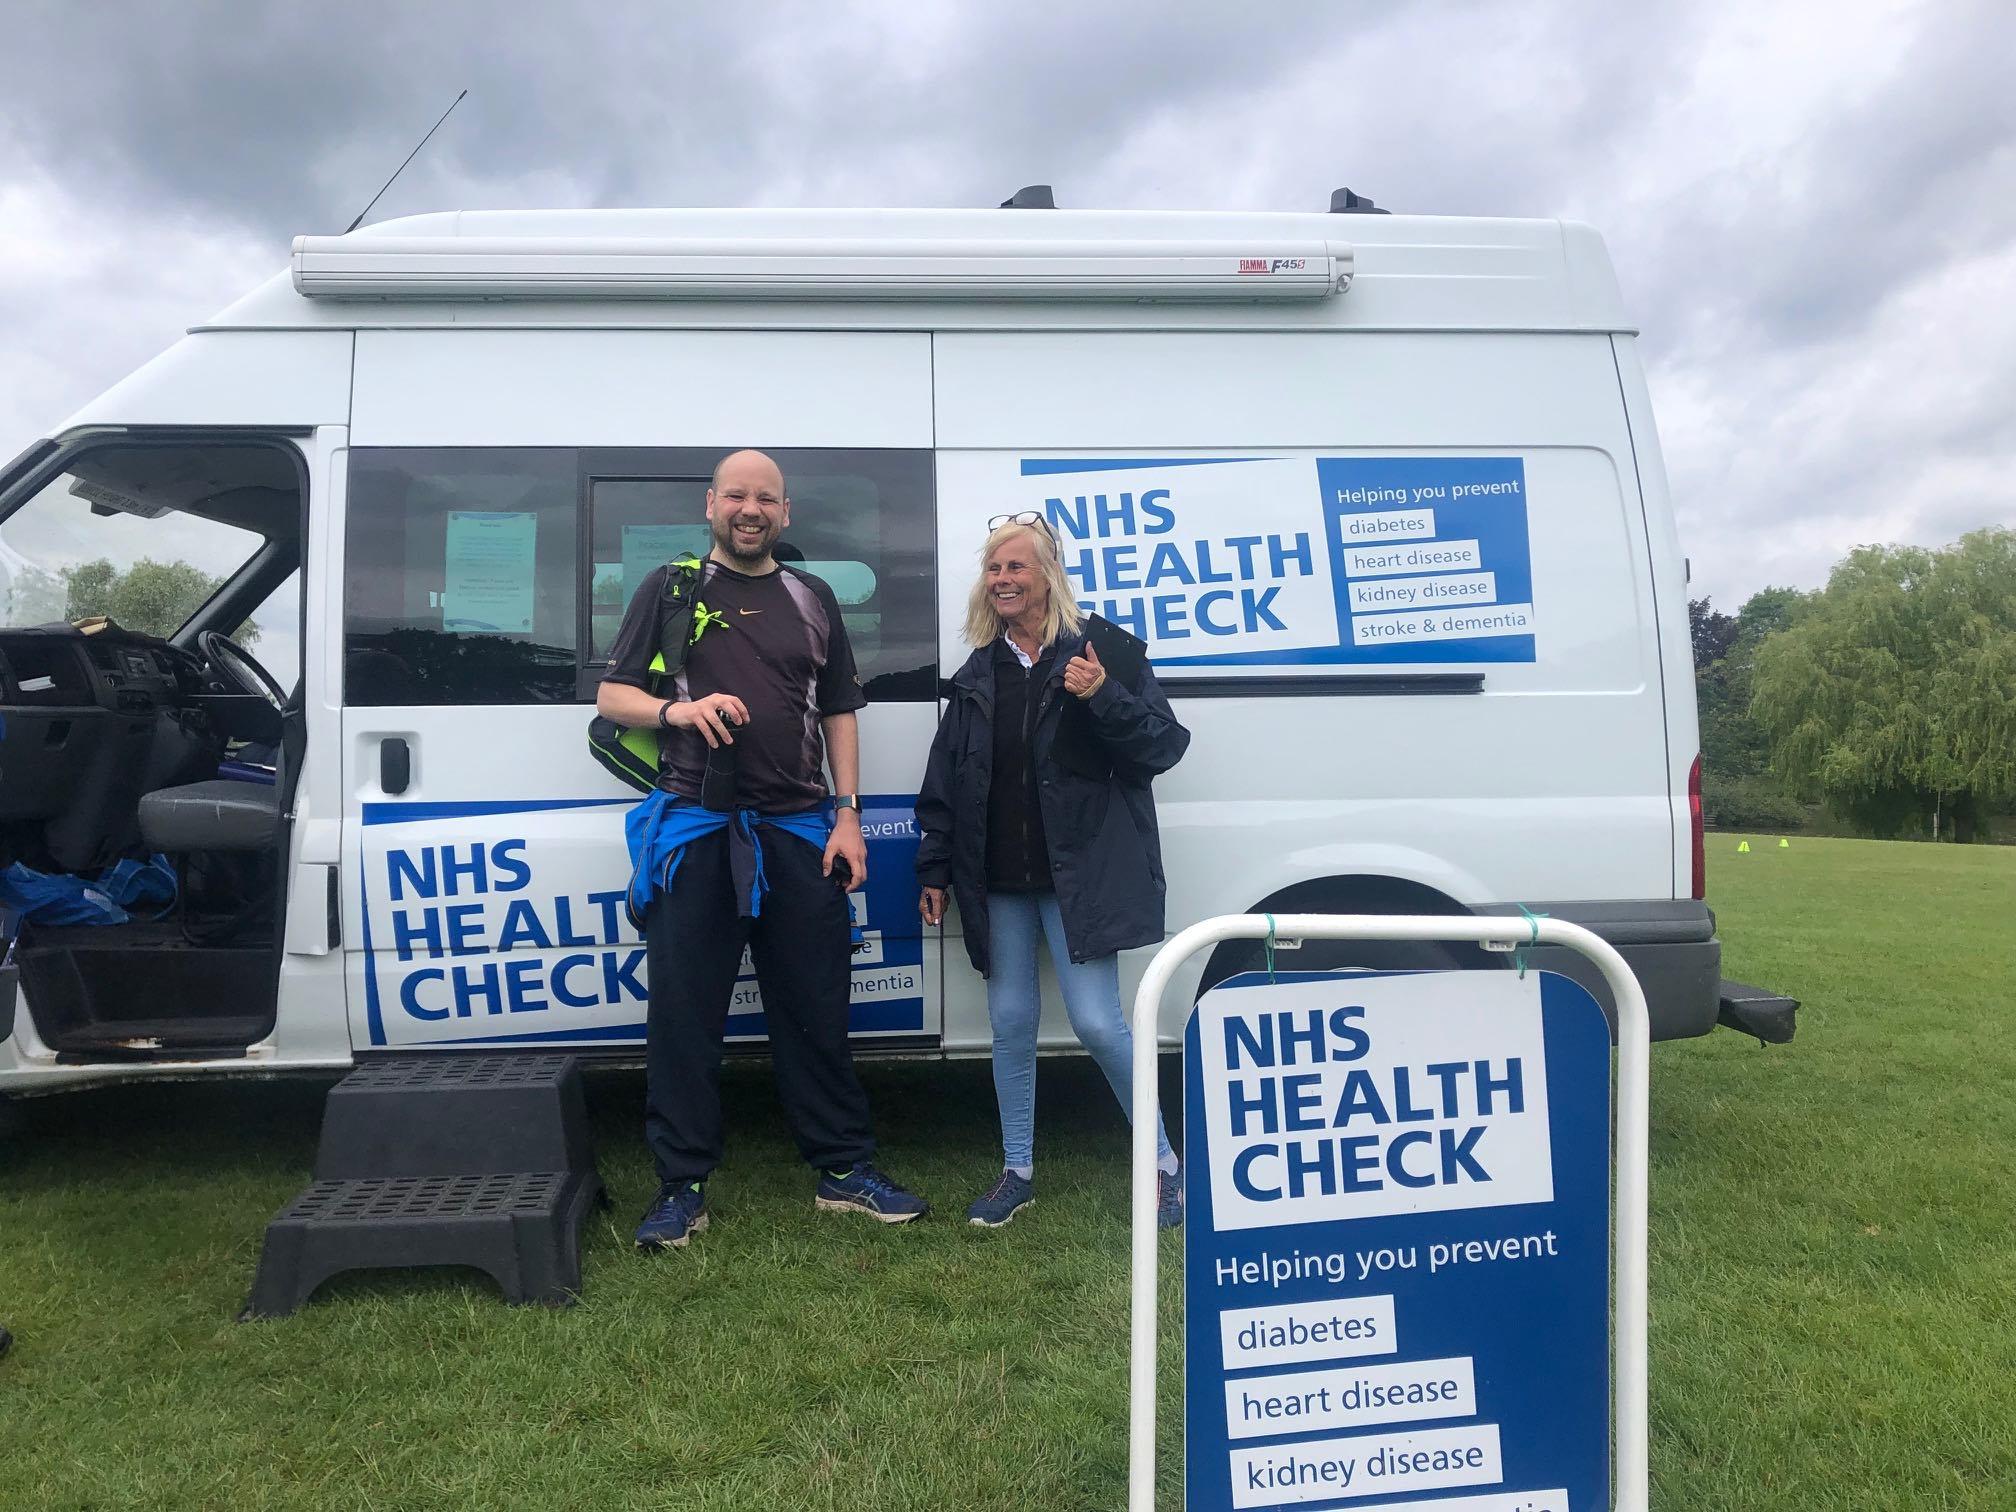 nhs health check van